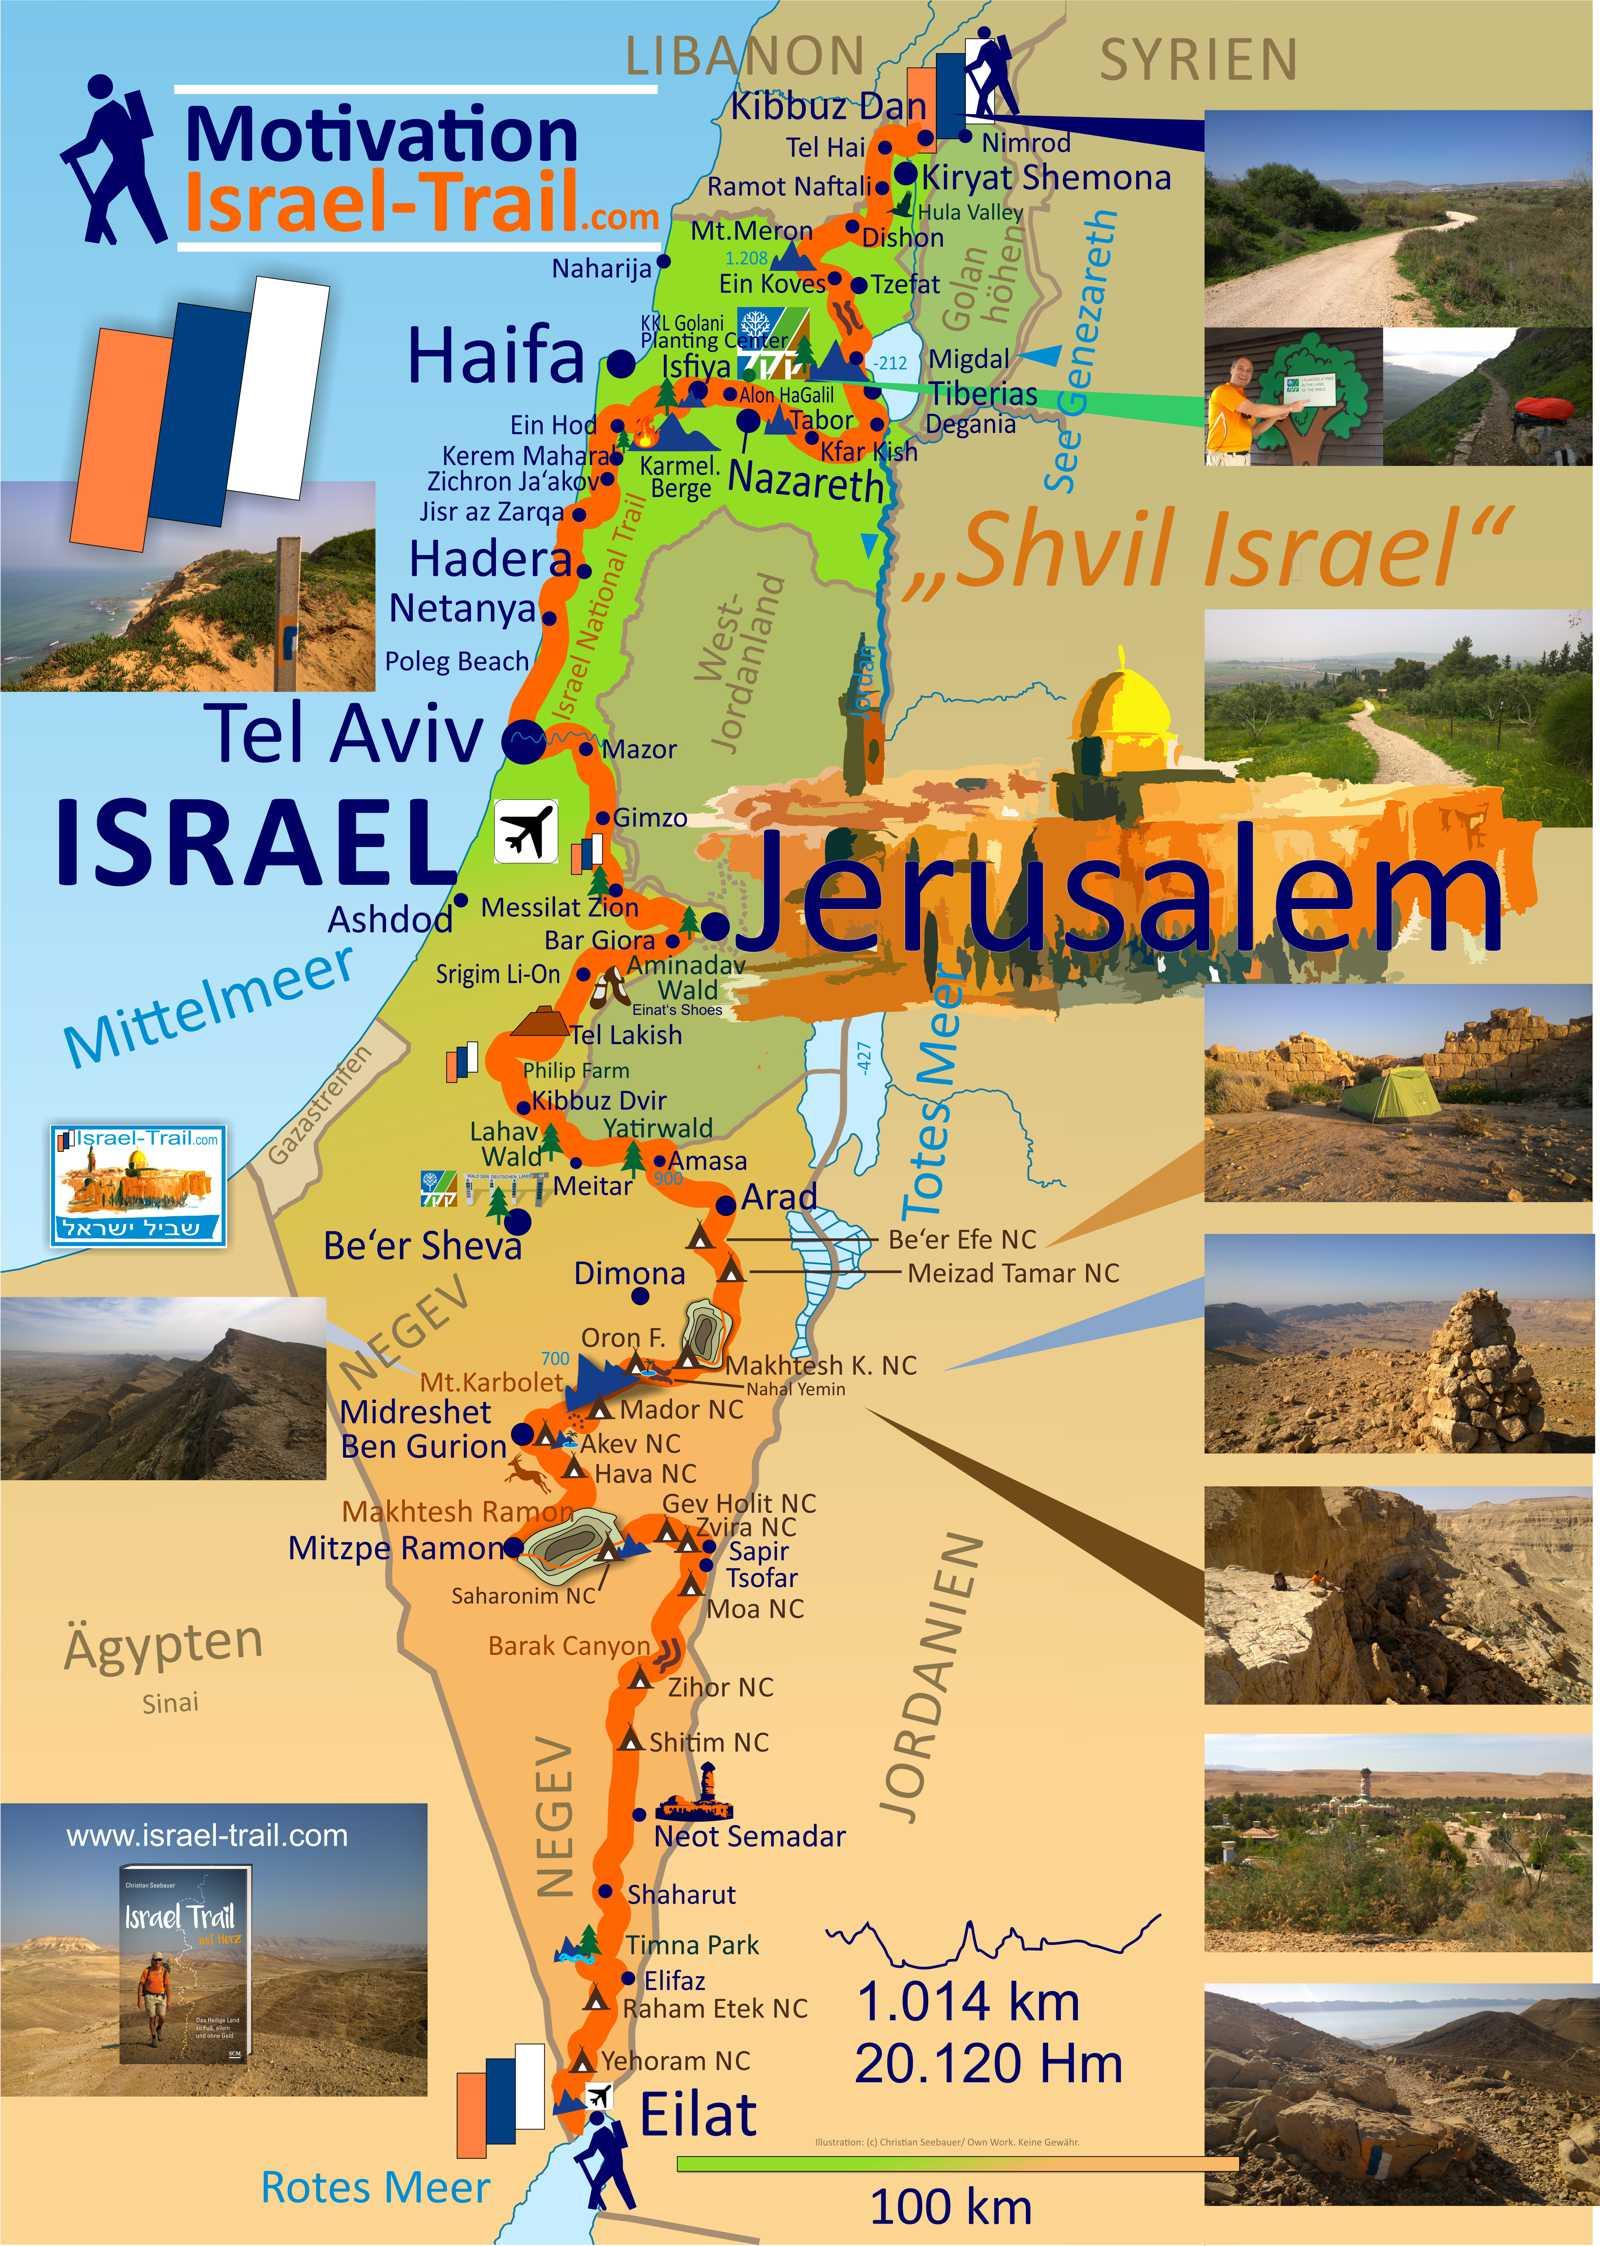 Übersichtskarte zum Israel National Trail